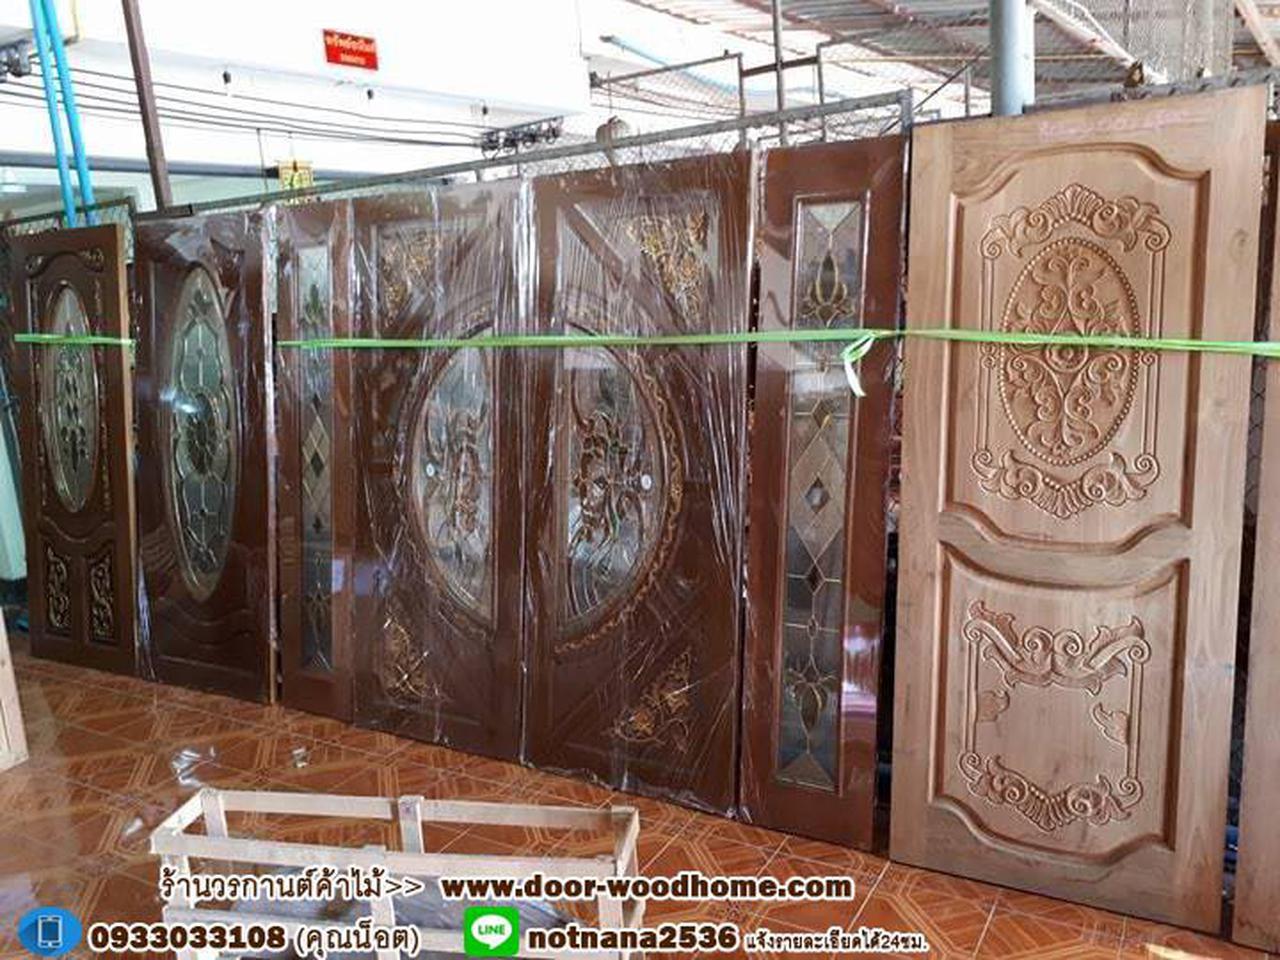 ประตูไม้สักกระจกนิรภัย , ประตูไม้สักบานคู่ ร้านวรกานต์ค้าไม้ door-woodhome.com รูปที่ 5